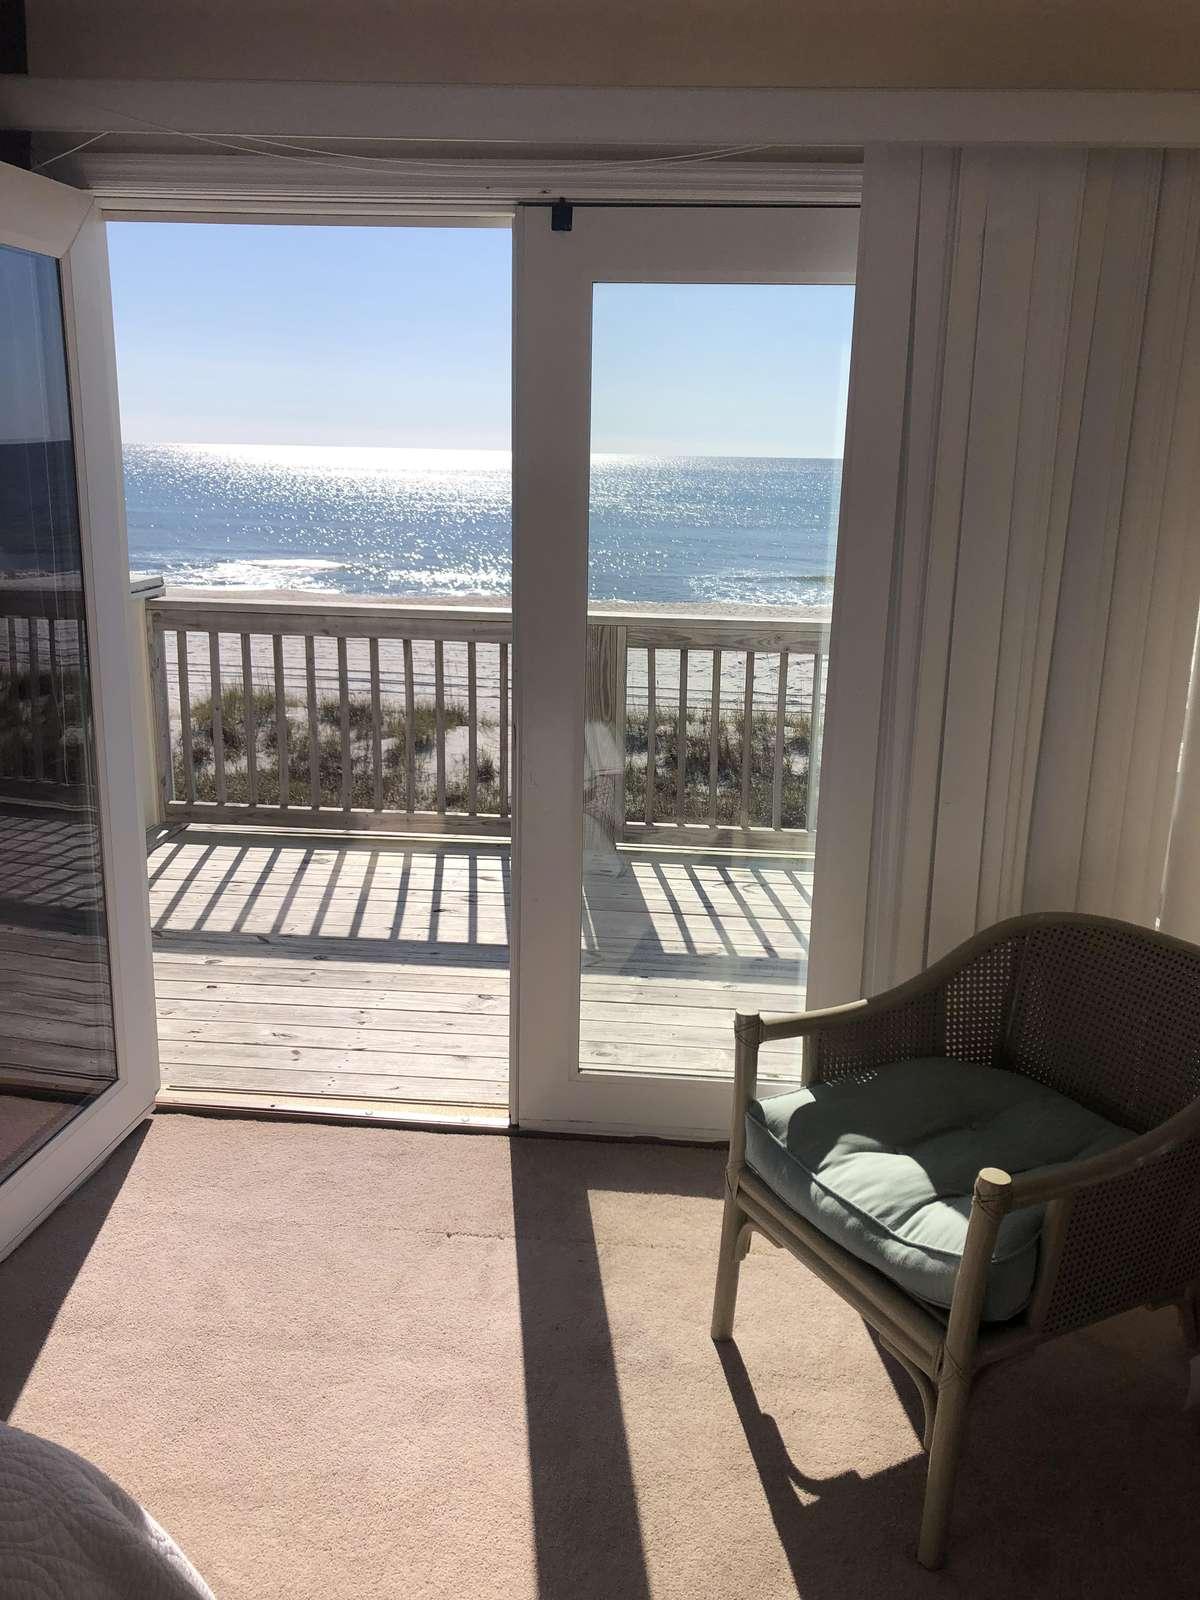 Deck off the master bedroom # 2 overlooking ocean